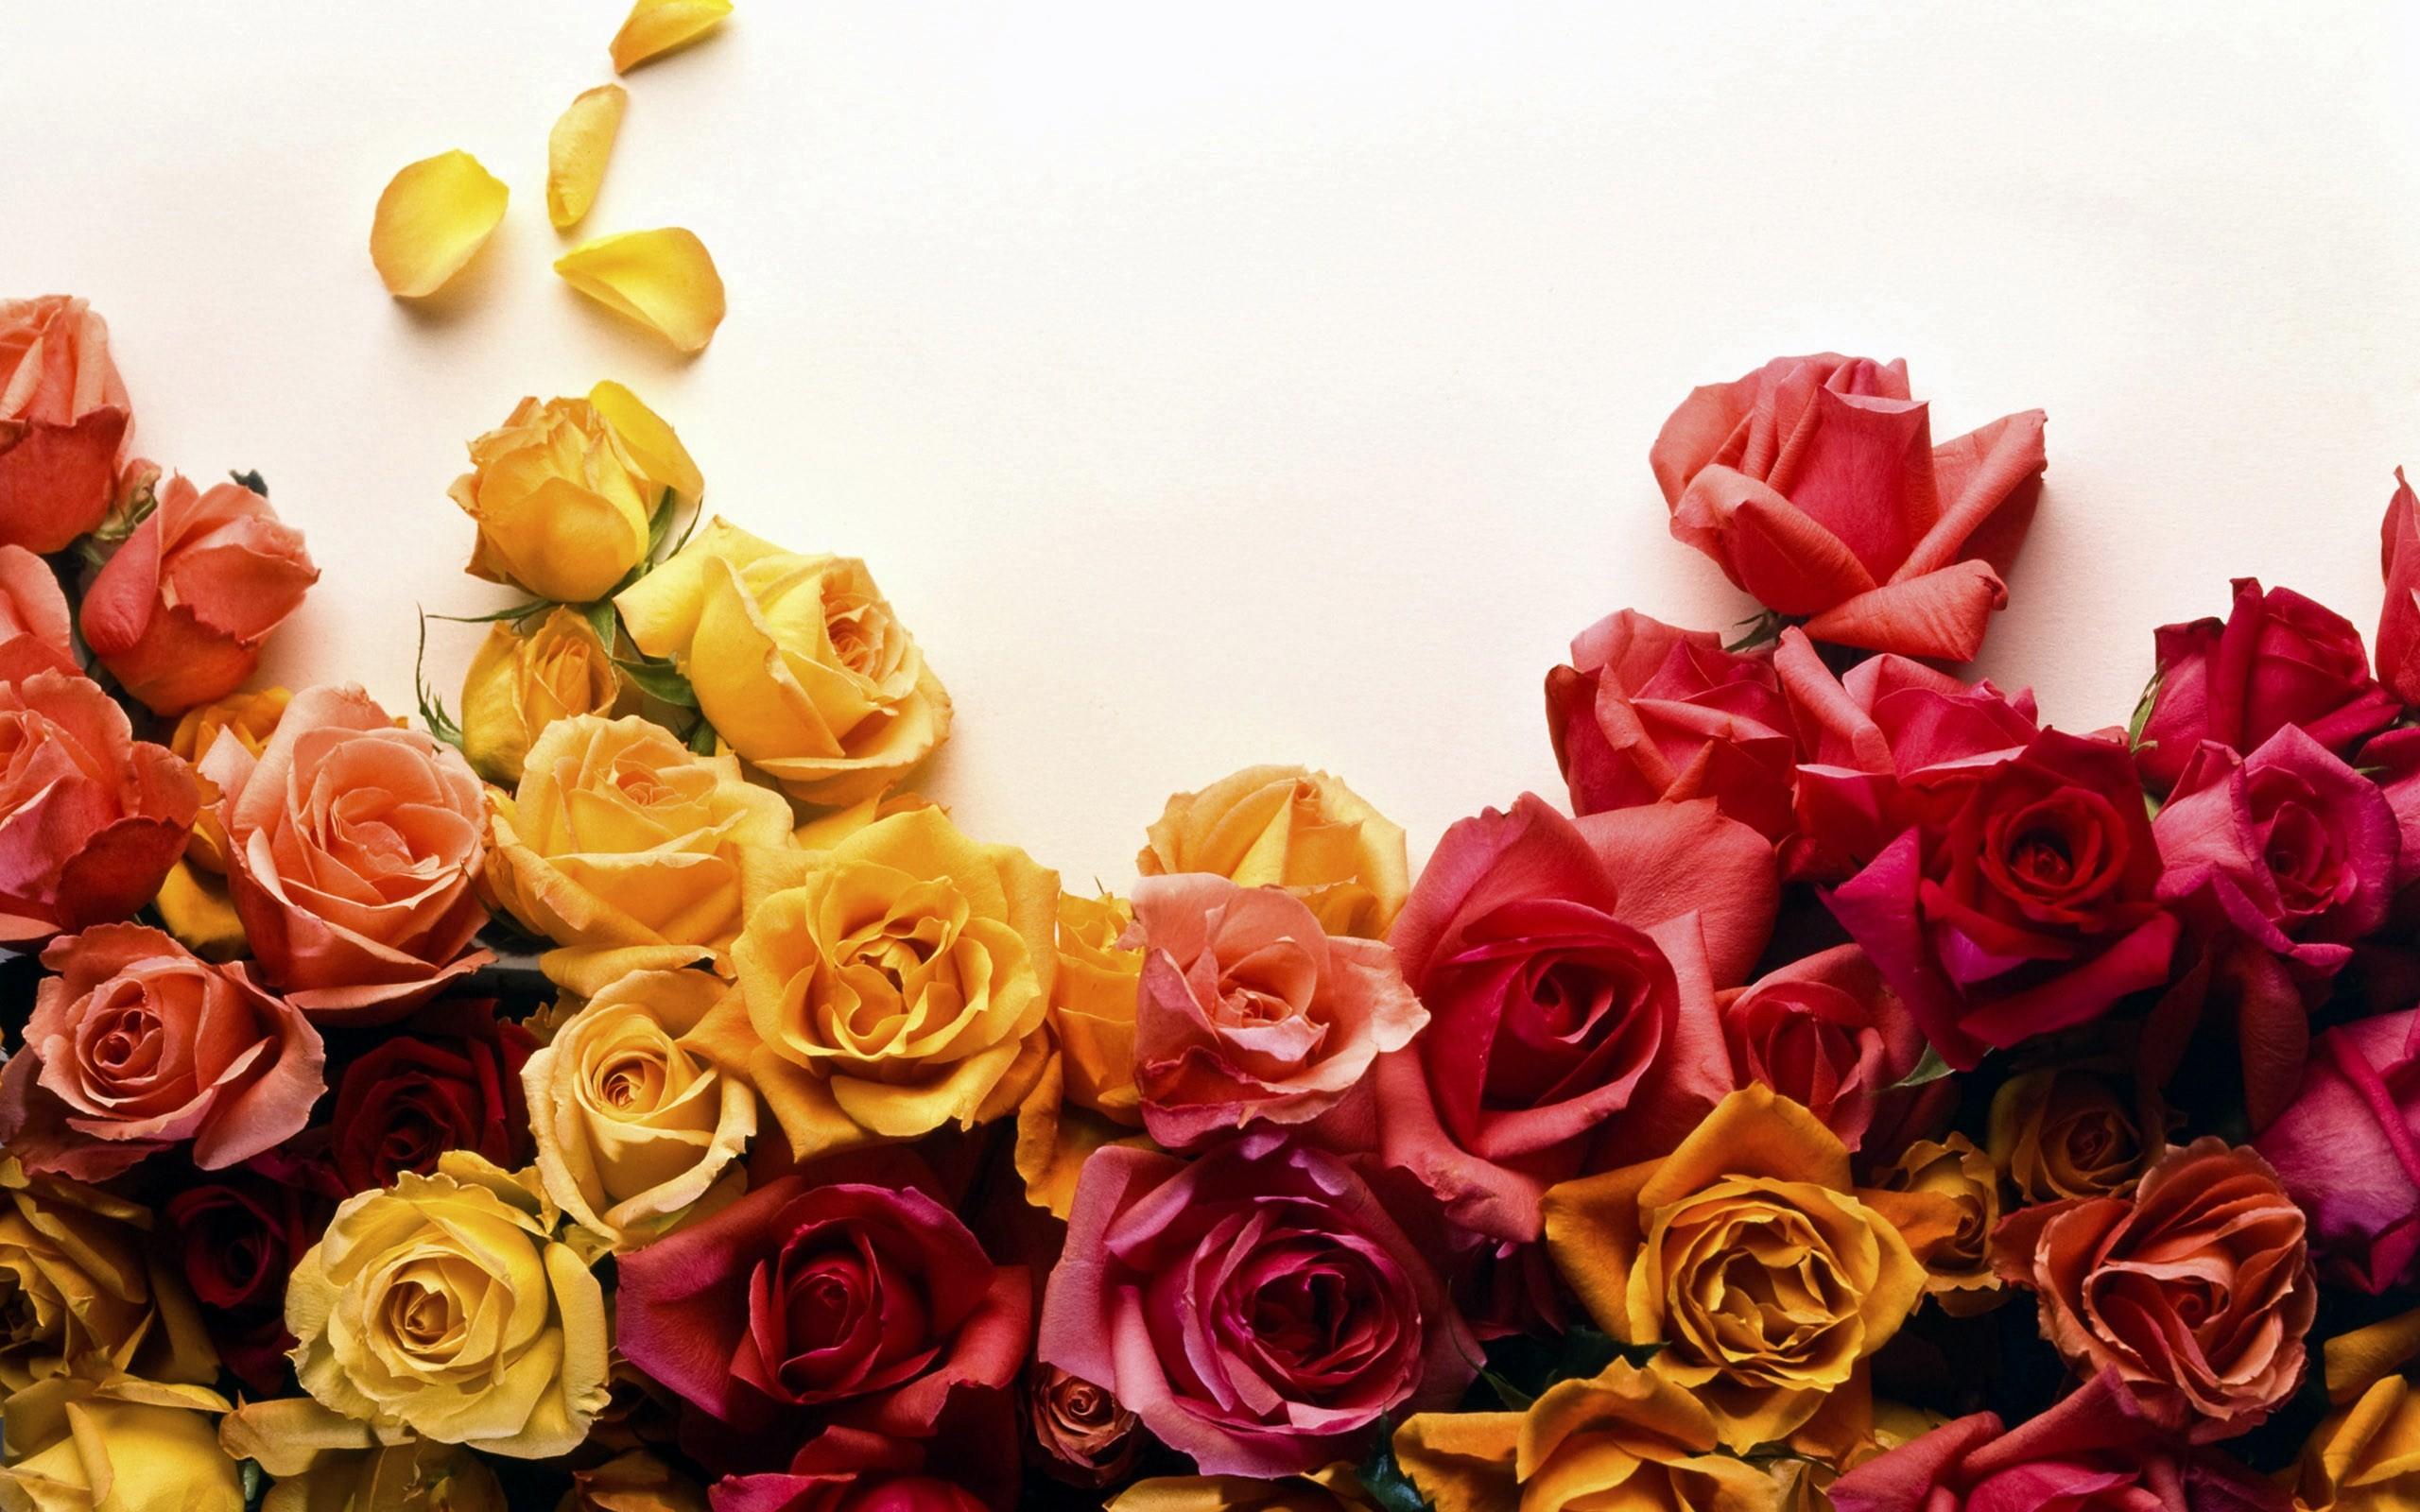 roses wallpaper 26111